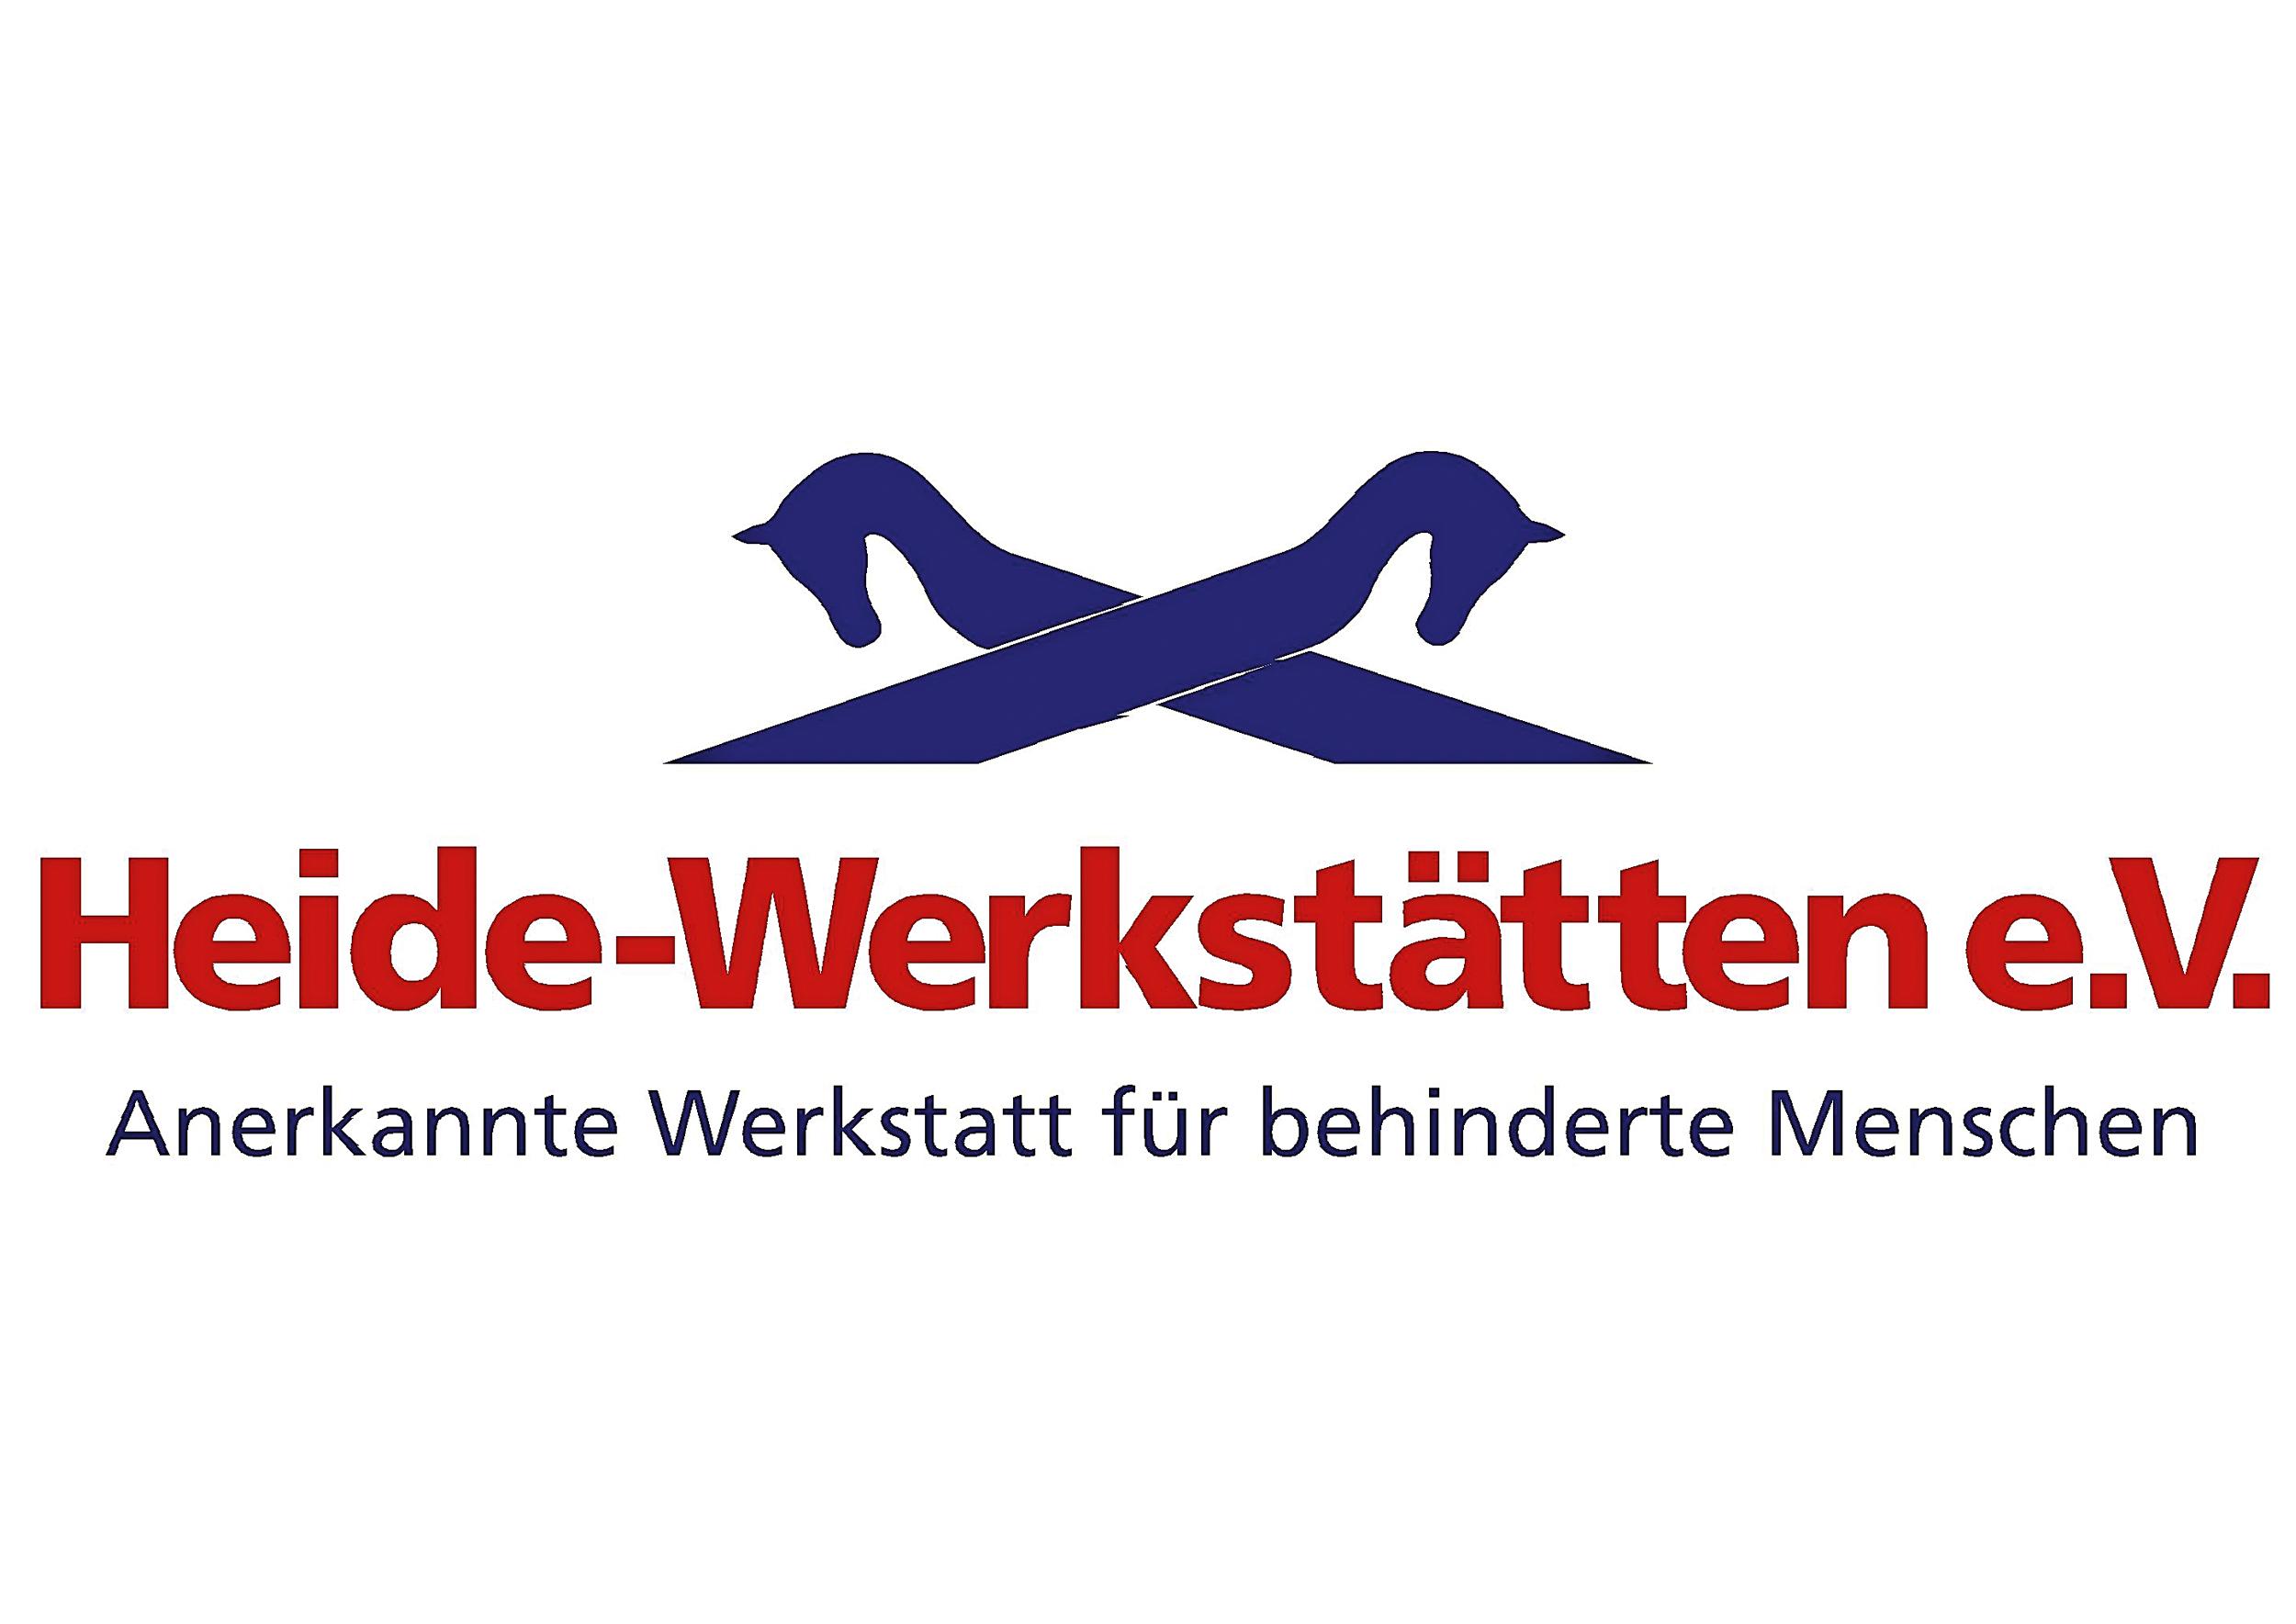 bzb_web_heide_werkstaetten_logo_2500x1768.jpg